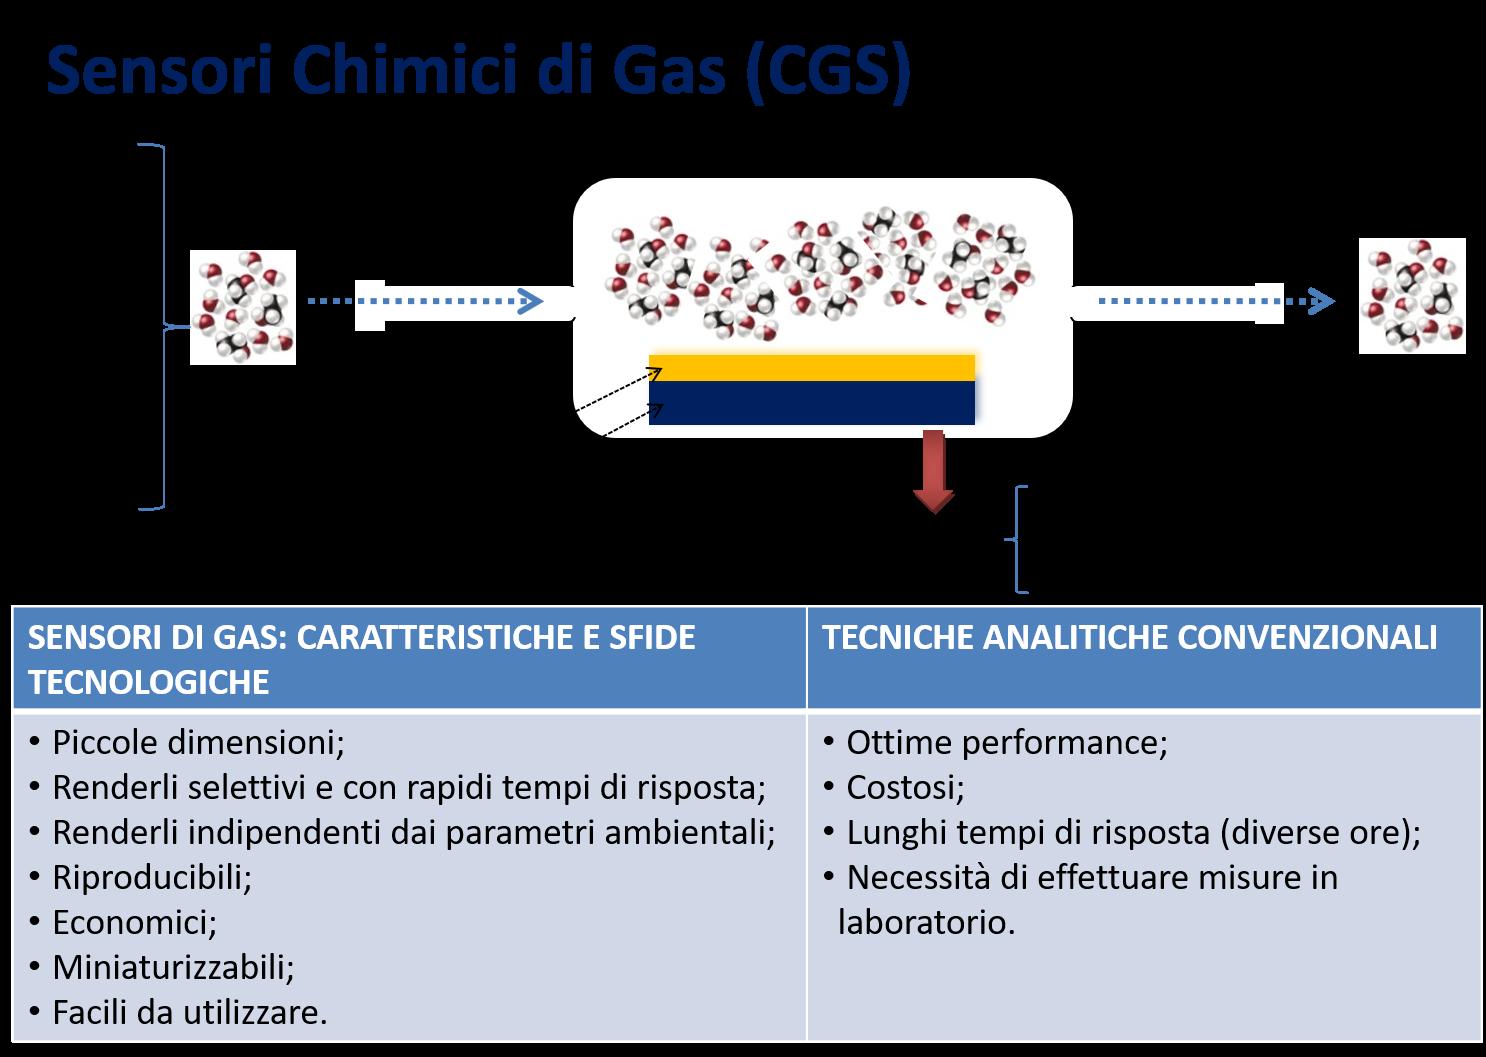 sensori chimici di gas